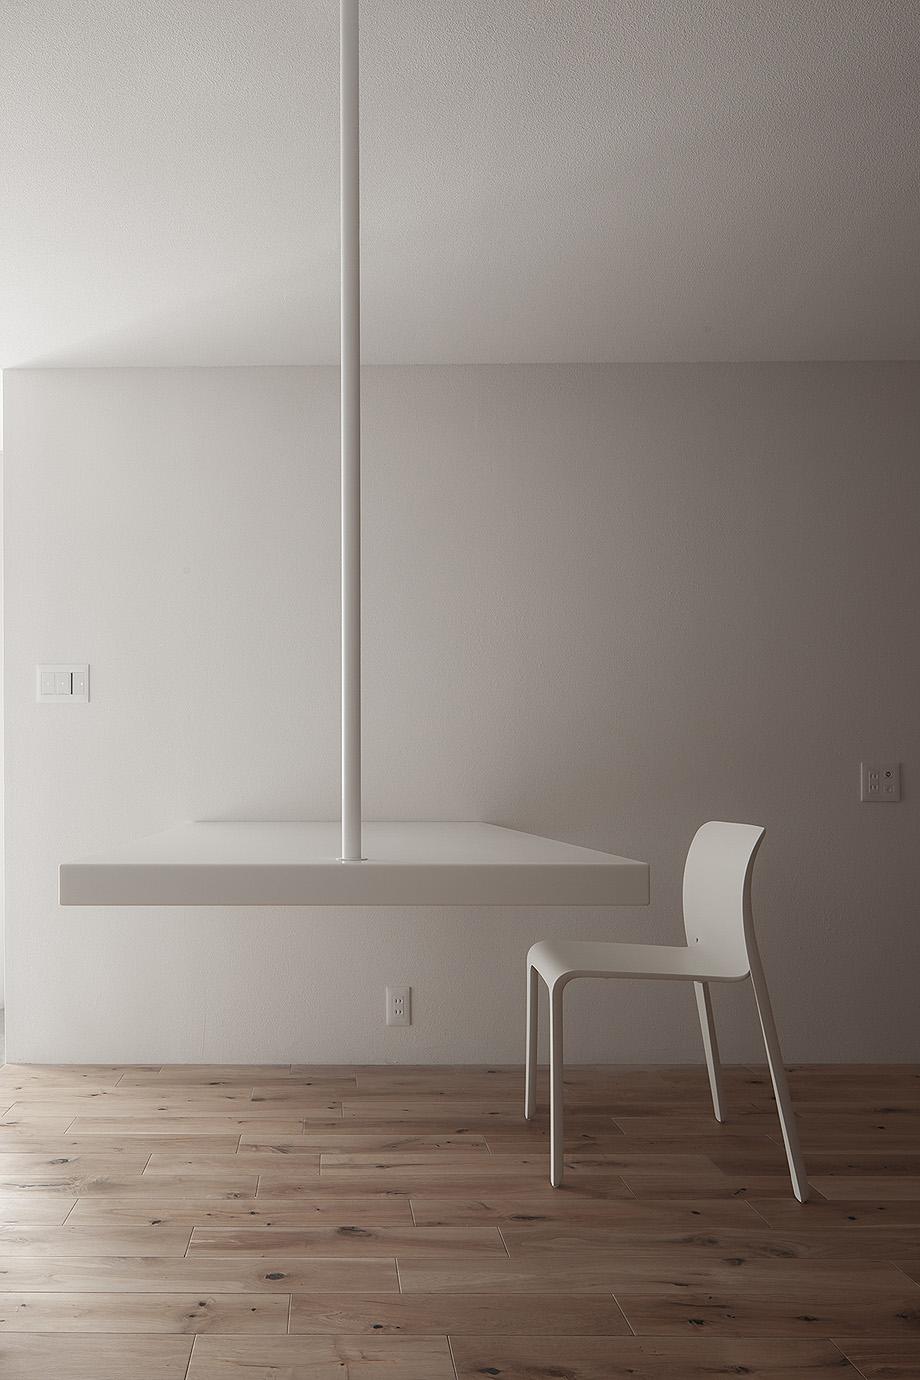 apartamento 201 de hiroyuki ogawa (5)